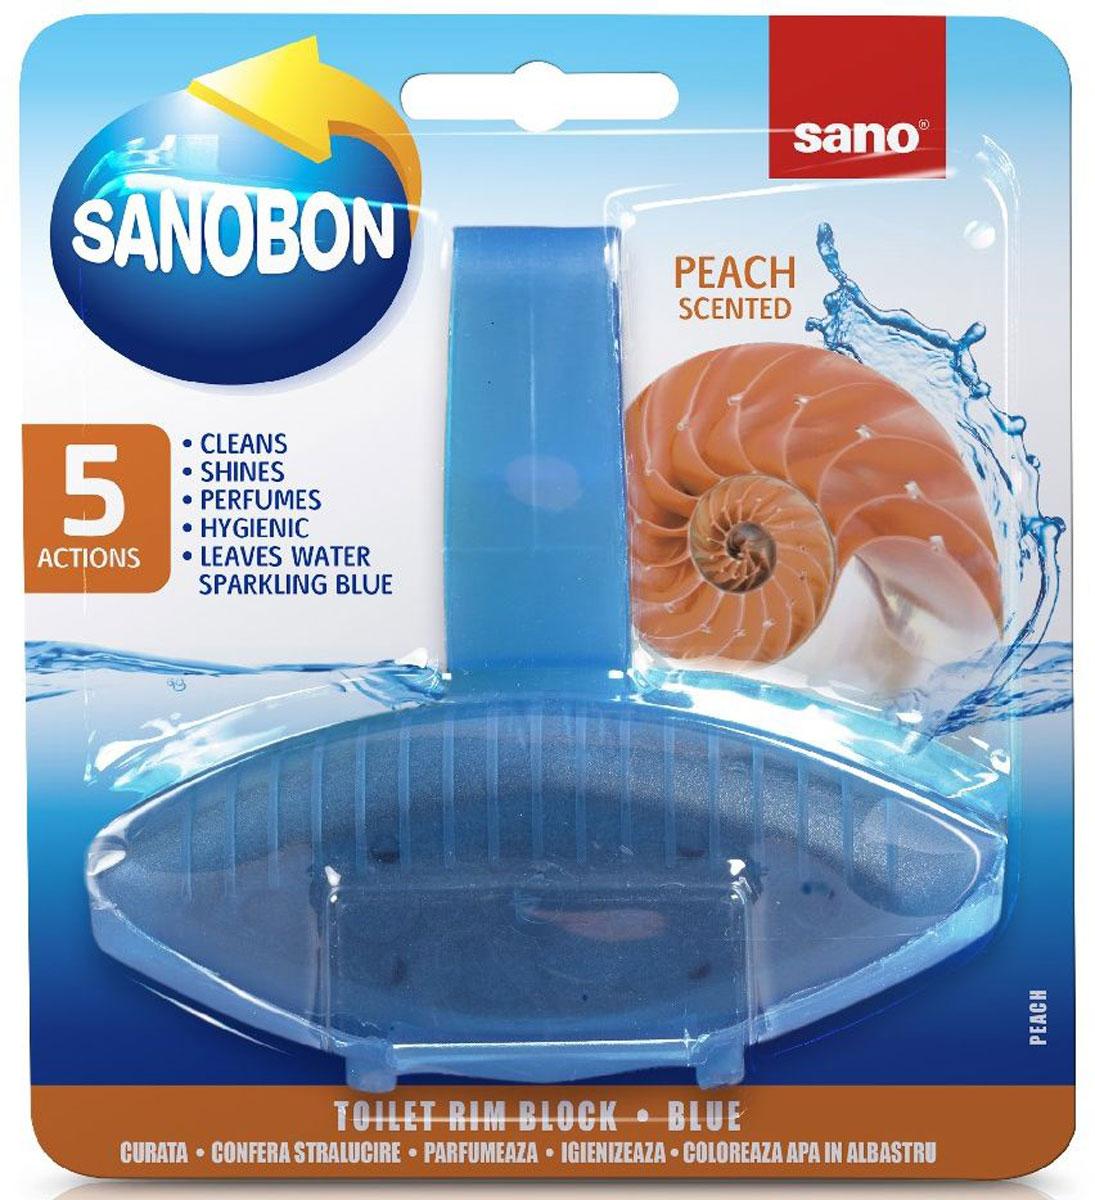 Подвеска для унитаза Sano Sanobon Blue. Peach, классическая, 55 г600086Подвеска для унитаза Sano Sanobon Blue. Peach имеет 5 функций: обладает гигиеническими свойствами, моет, придает блеск, освежает, окрашивает воду. До 800 сливов. Товар сертифицирован.Как выбрать качественную бытовую химию, безопасную для природы и людей. Статья OZON Гид